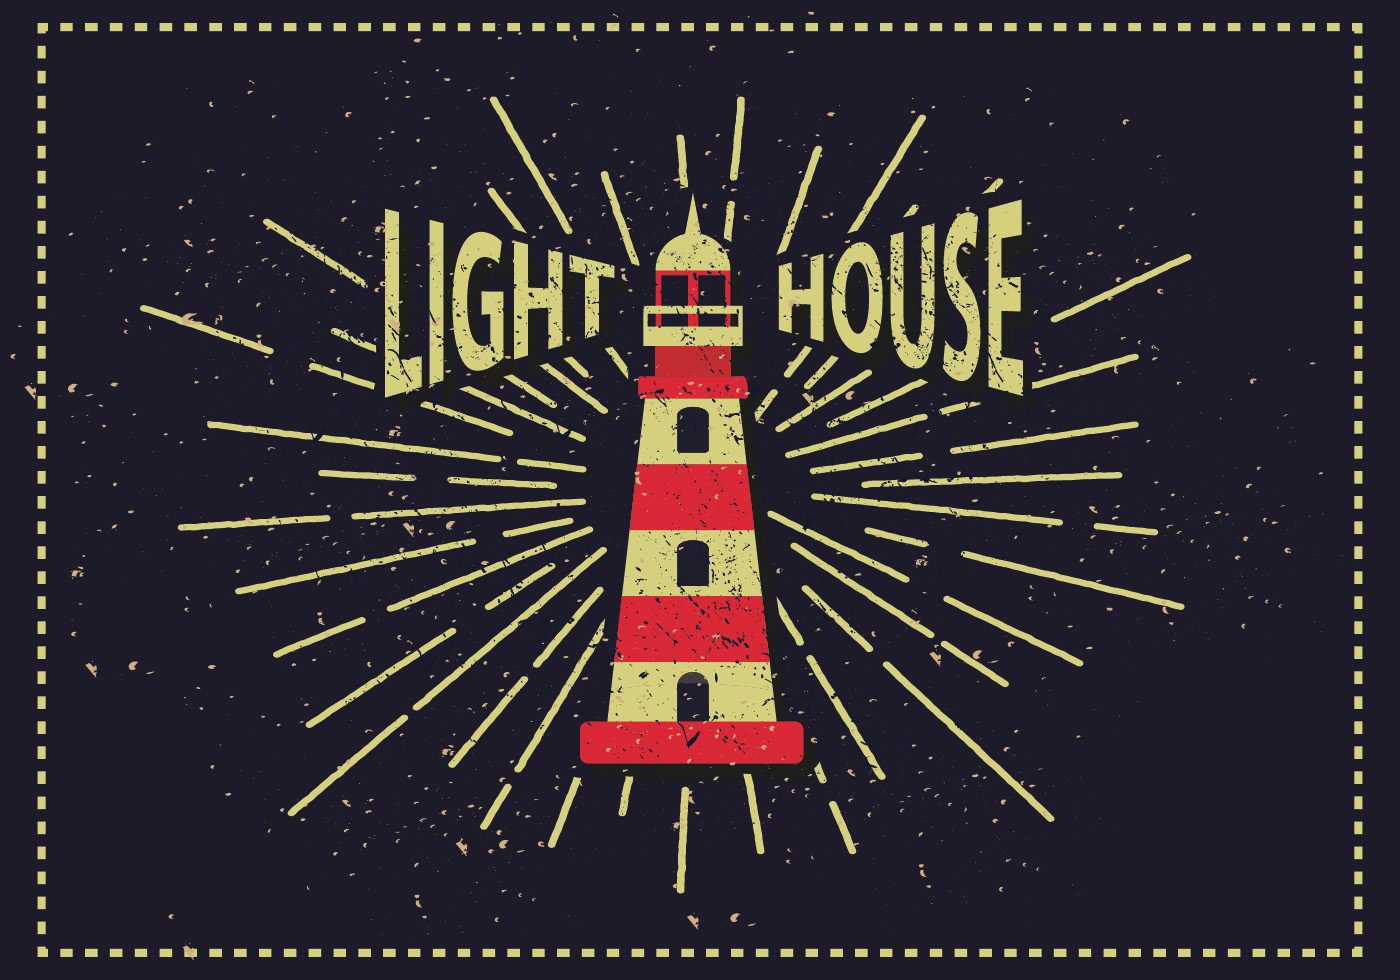 vintage lighthouse vector illustration download free